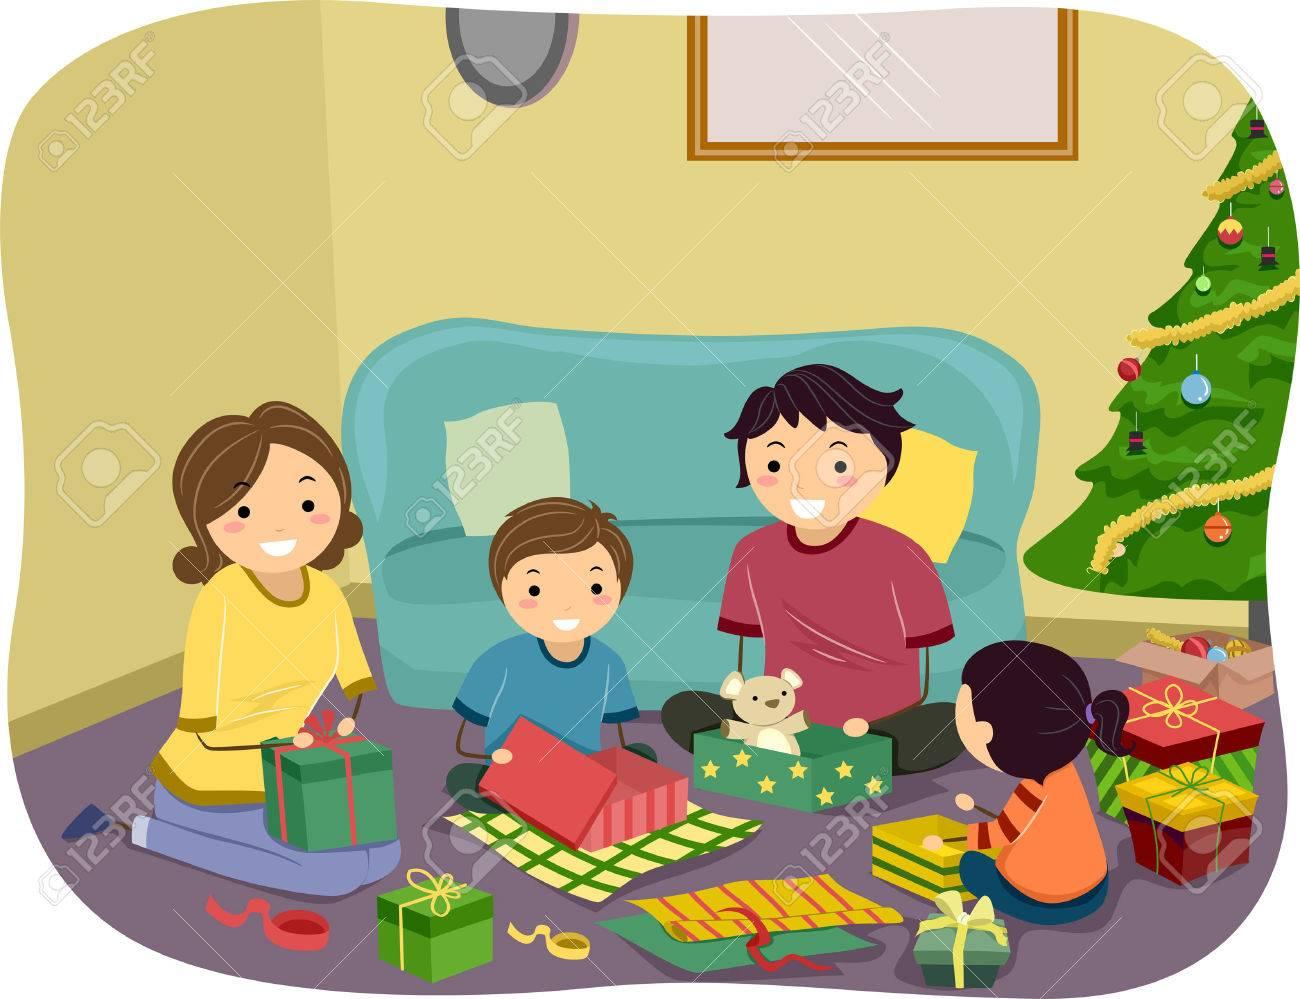 Weihnachtsgeschenke Clipart.Stock Photo